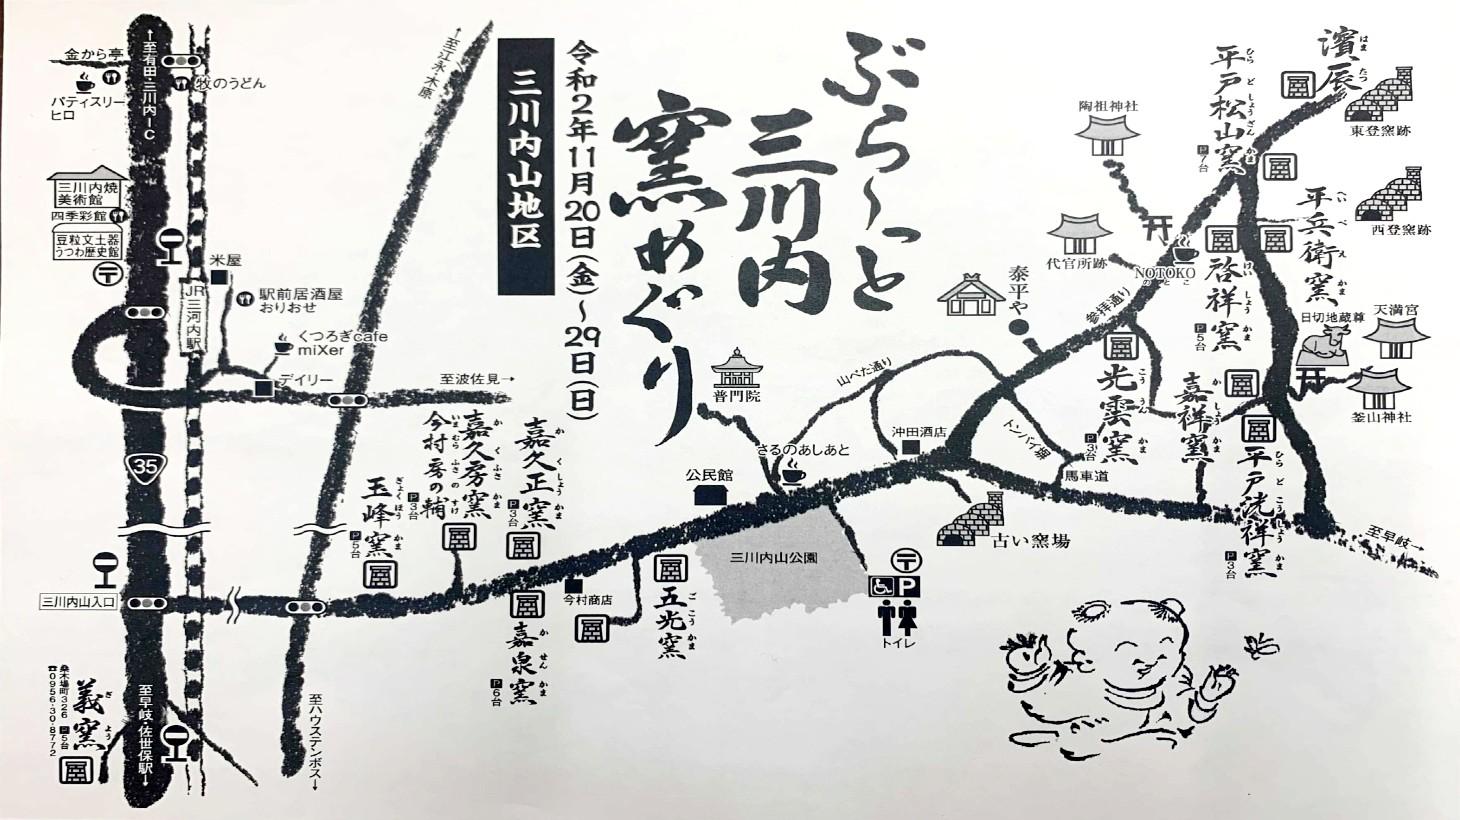 ぶらっと三川内窯めぐりチラシ